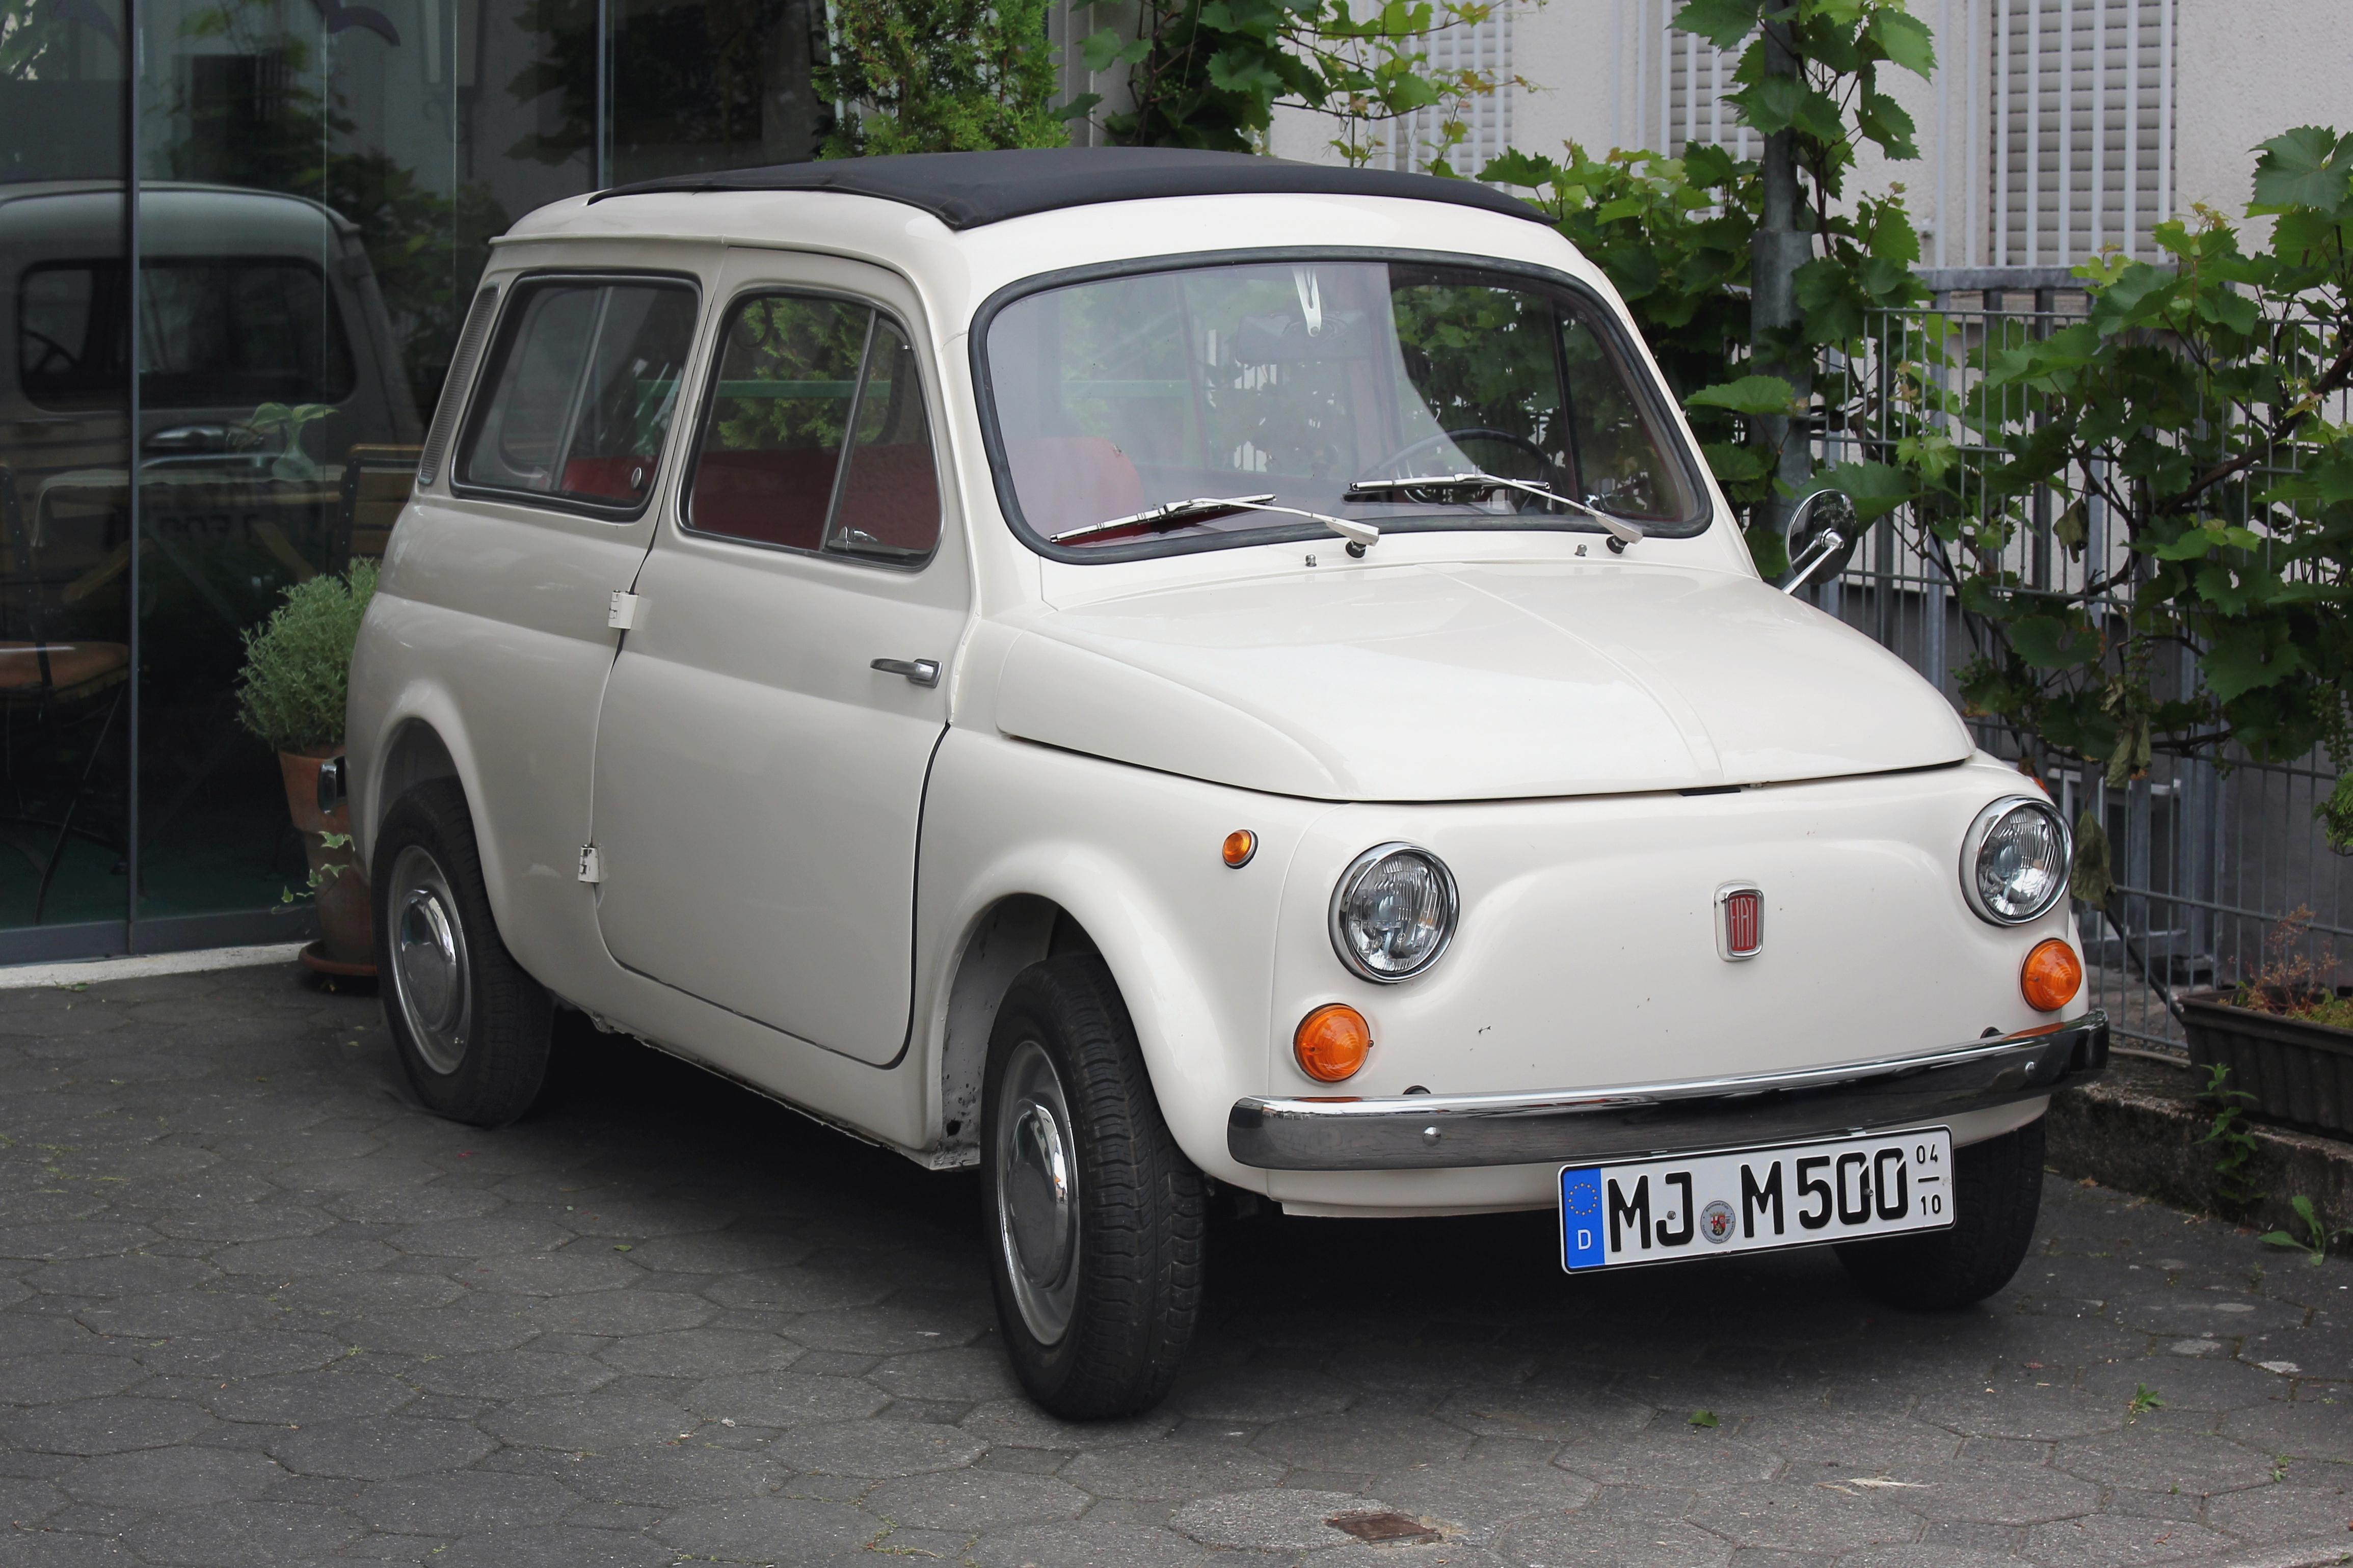 File Fiat 500 Giardiniera Bj 1969 2017 06 26 Re Jpg Wikimedia